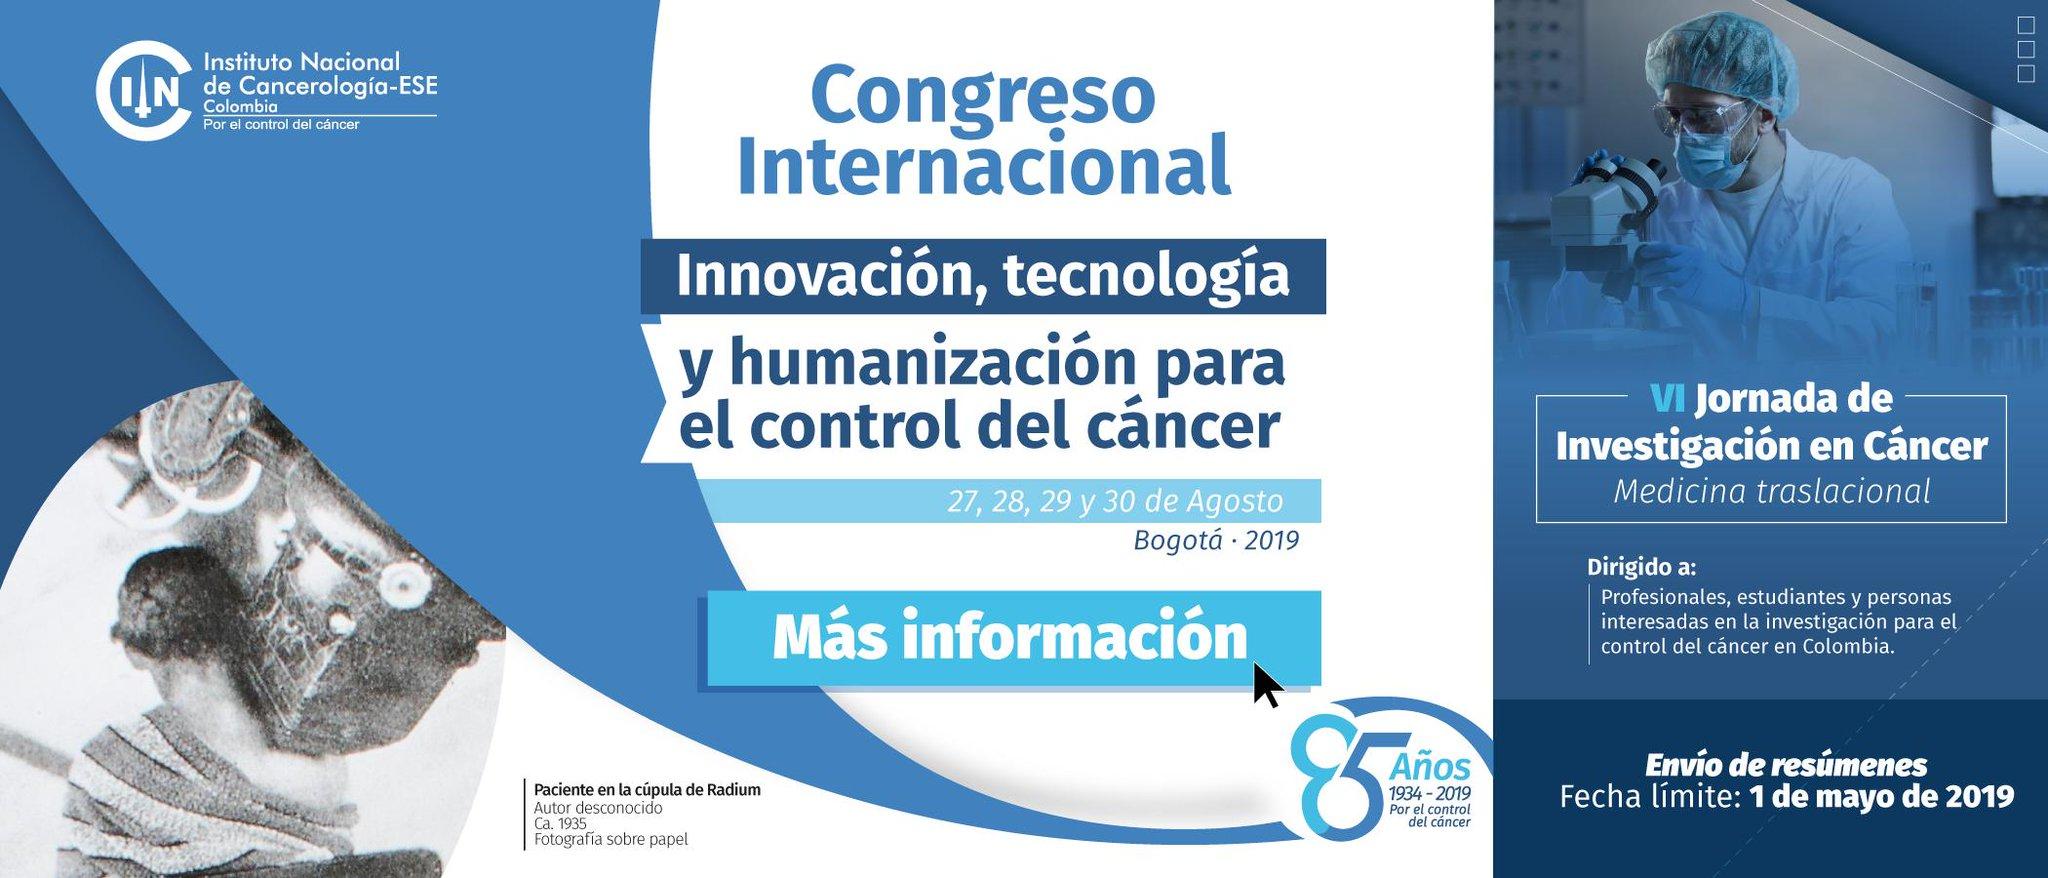 [Convocatoria resúmenes] VI Jornada de Investigación en Cáncer (Instituto Nacional de Cancerología)